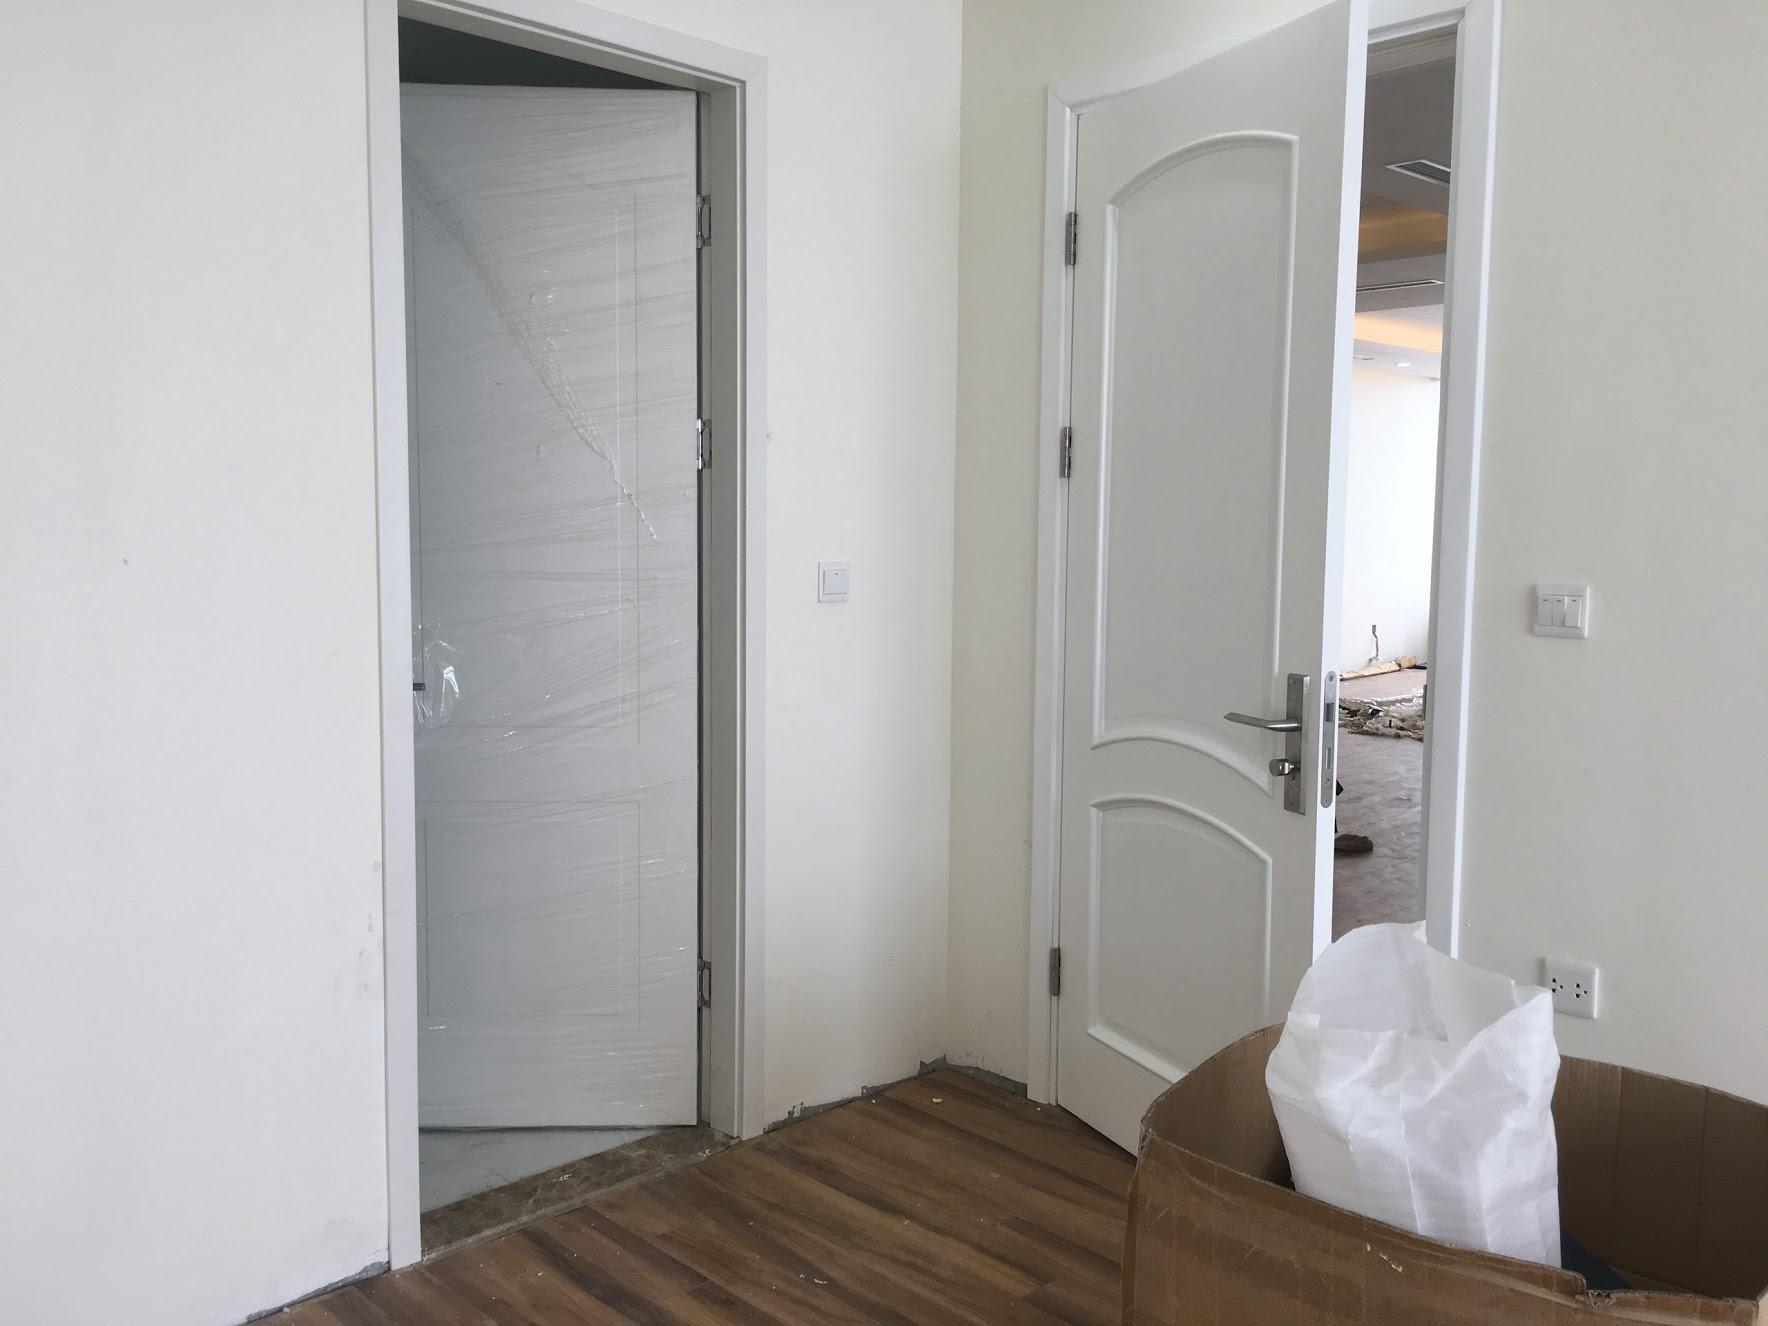 Cửa gỗ nhà vệ sinh tông màu vân gỗ trắng